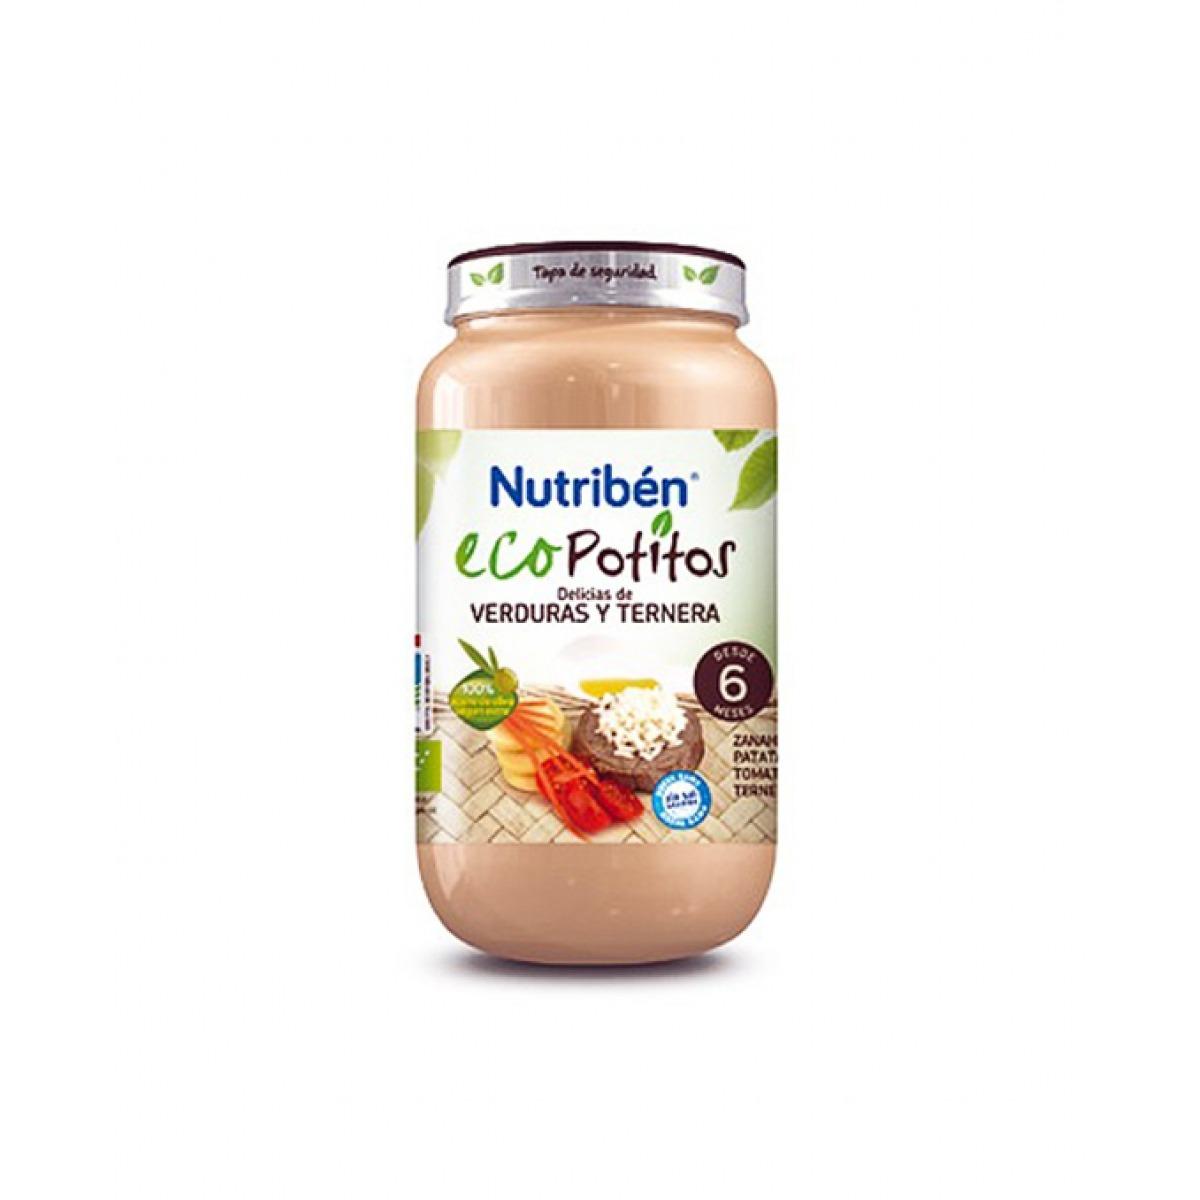 NUTRIBEN ECOPOTITOS POLLO CON VERDURAS SELECTAS 200 G.